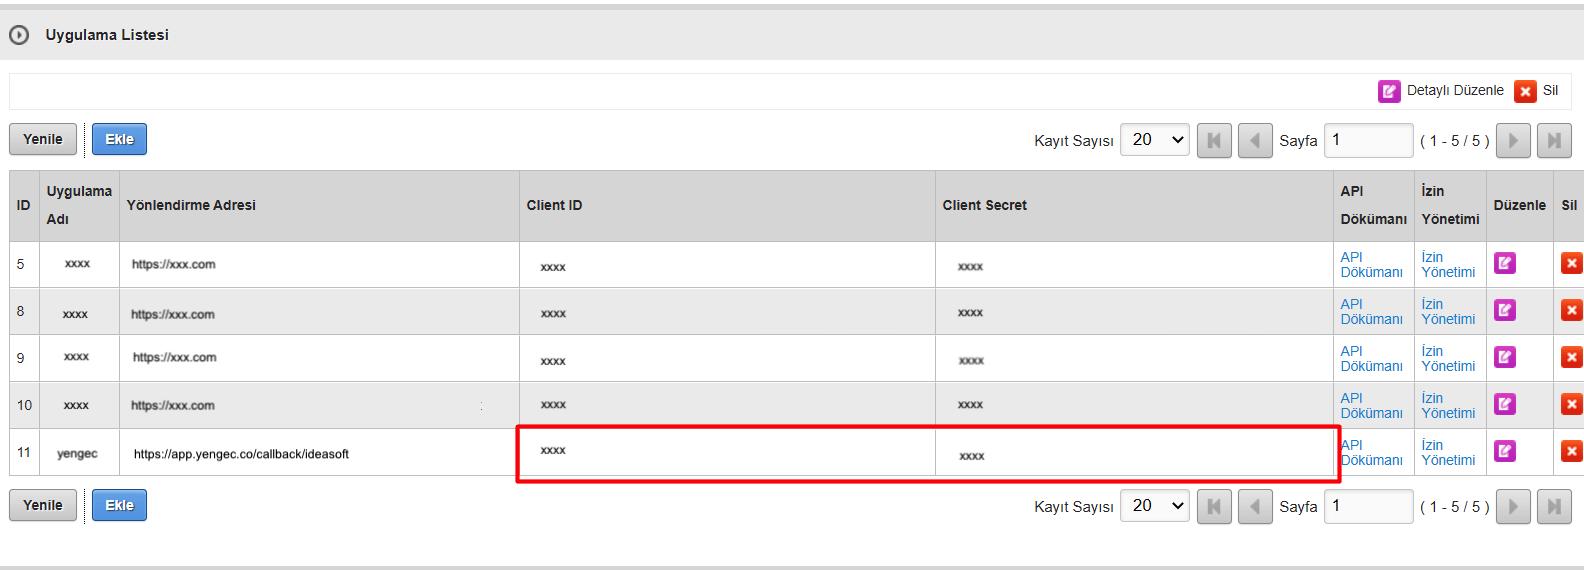 IdeaSoft paneli API bilgilerini kopyalama ekran görüntüsü